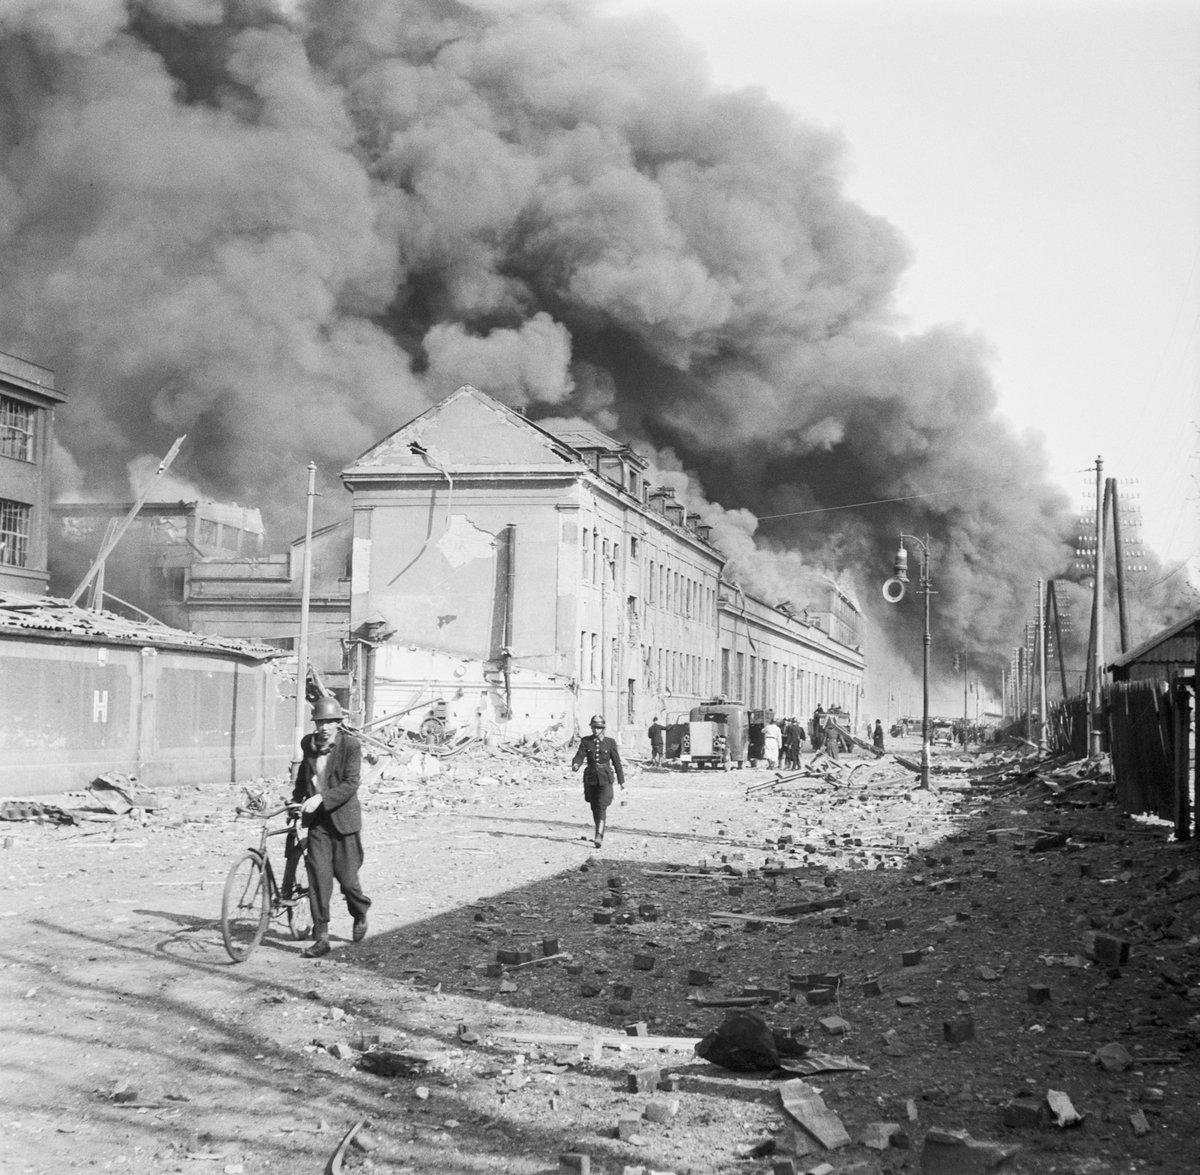 Hořící areál továrny po bombardování.